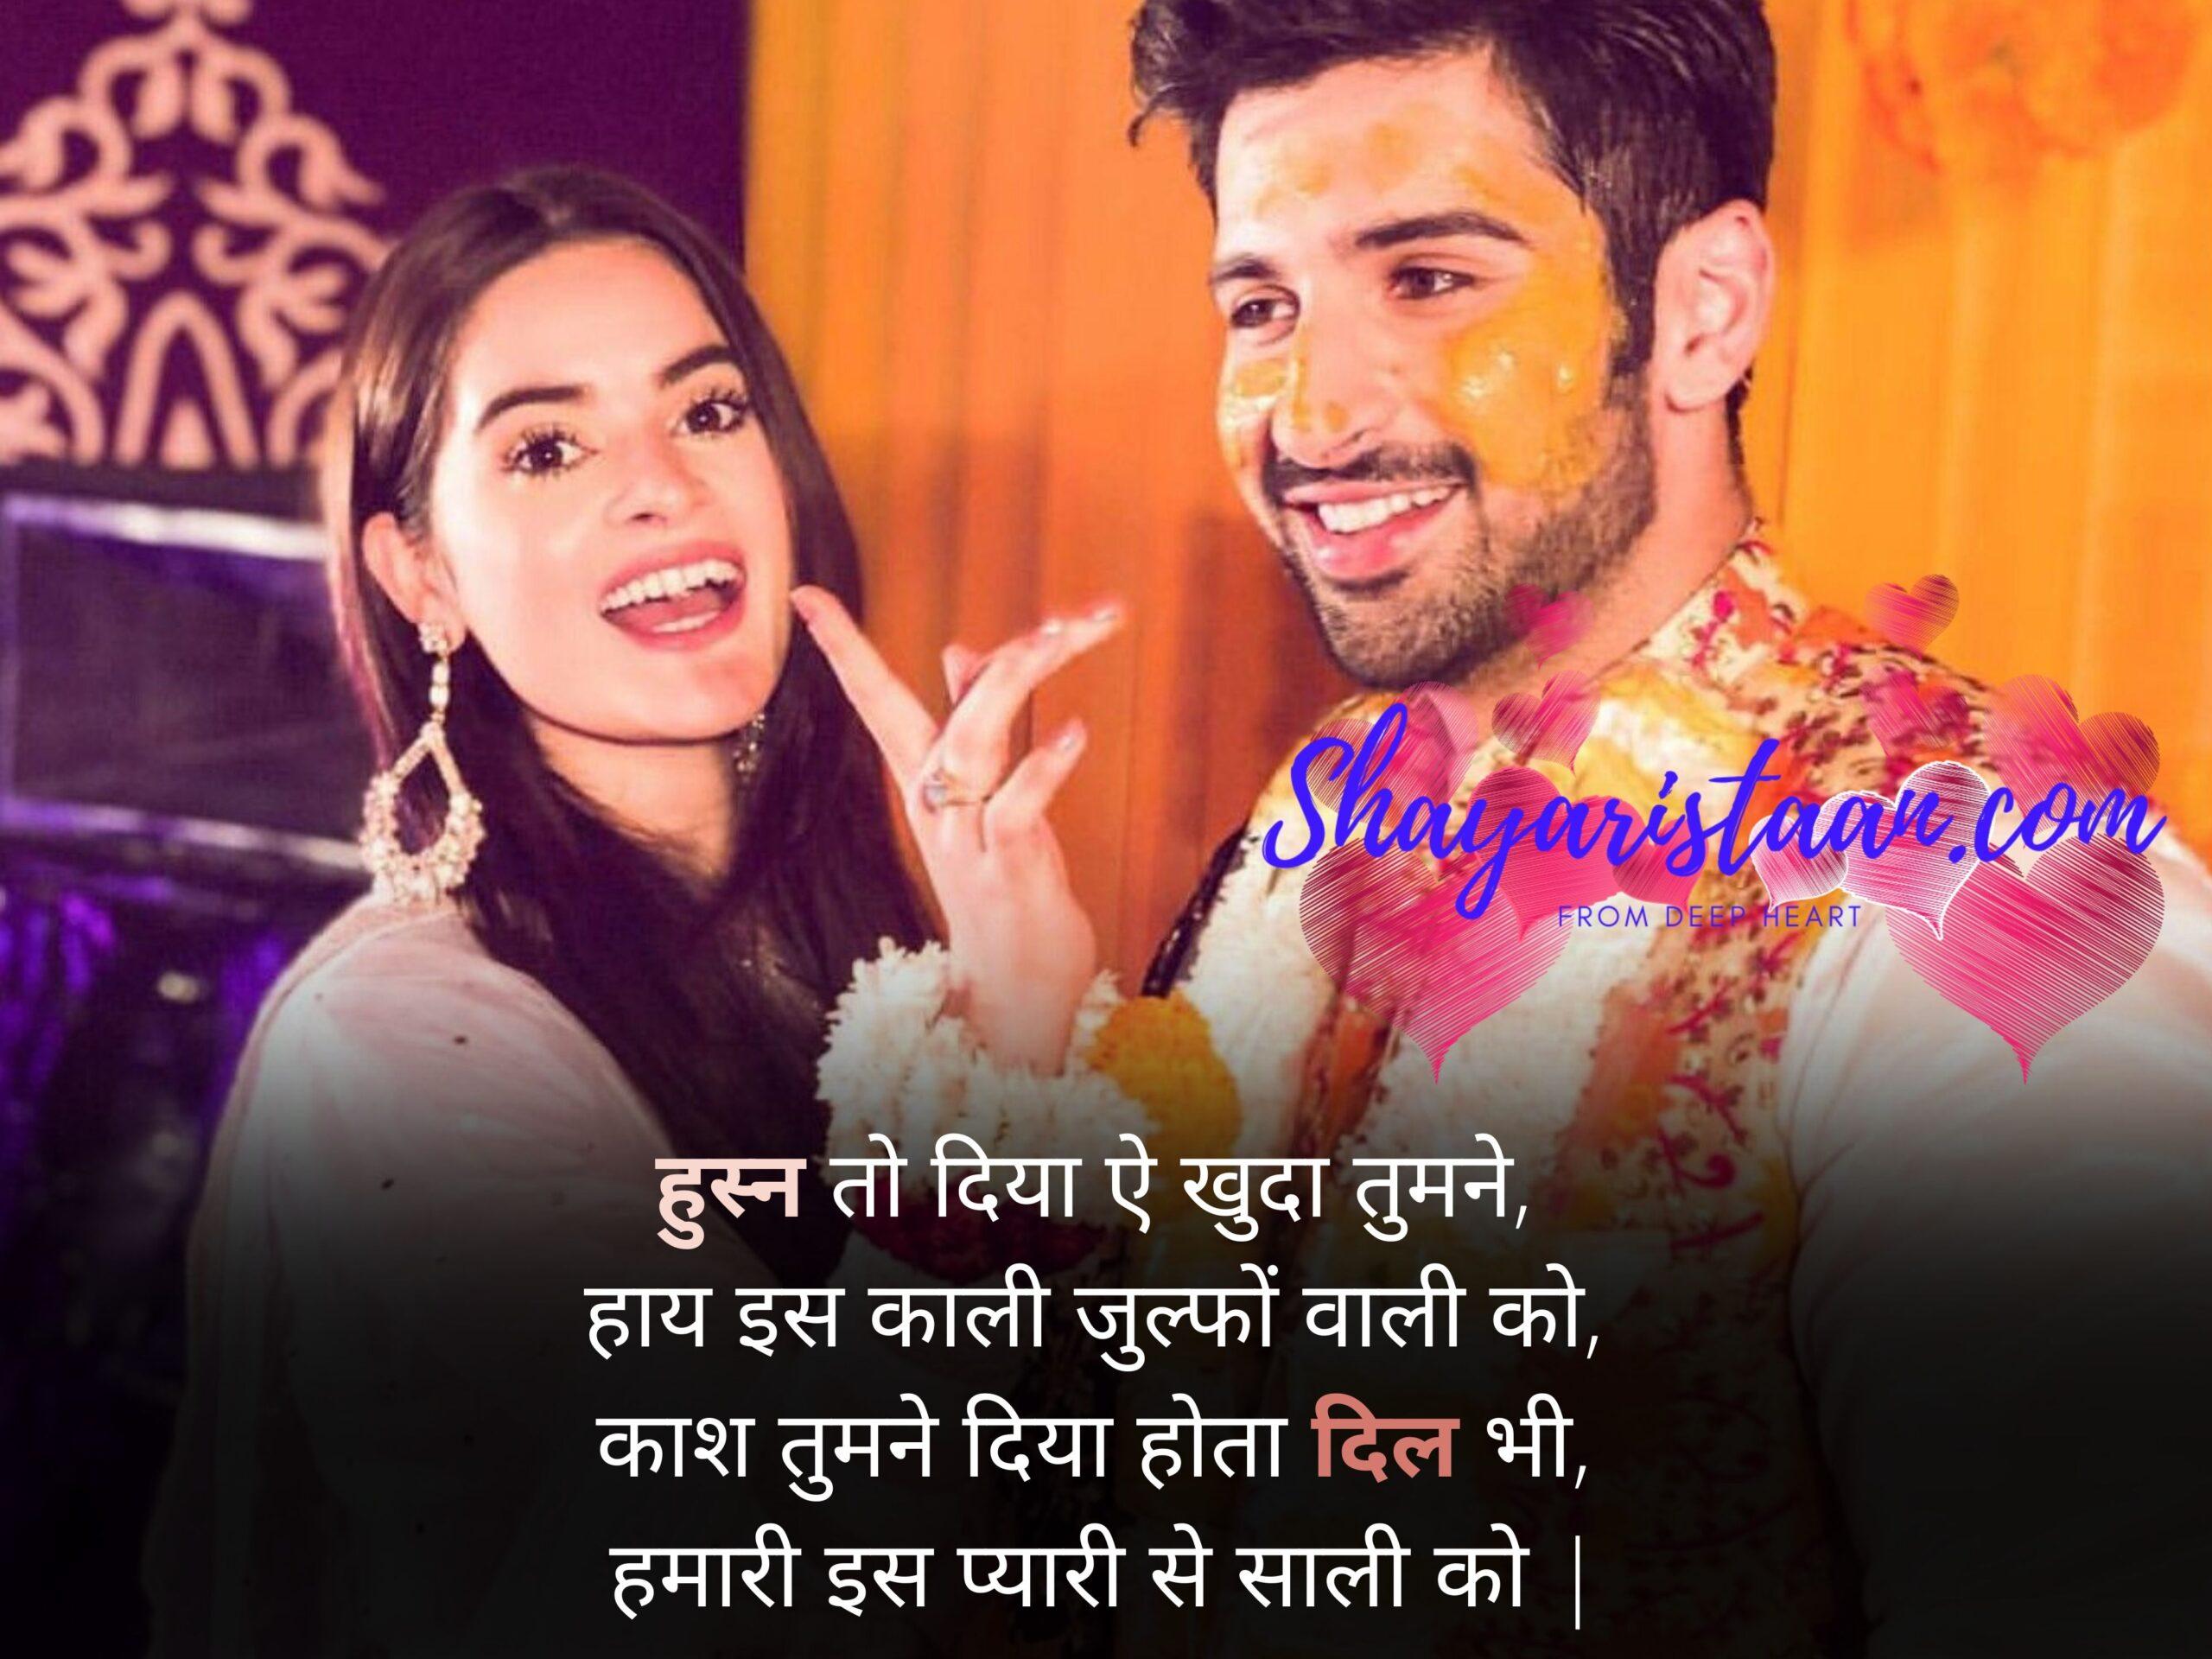 jija sali shayari hindi   हुस्न तो दिया ऐ खुदा तुमने, हाय इस काली जुल्फों वाली को, काश तुमने दिया होता दिल भी, हमारी इस प्यारी से साली को  